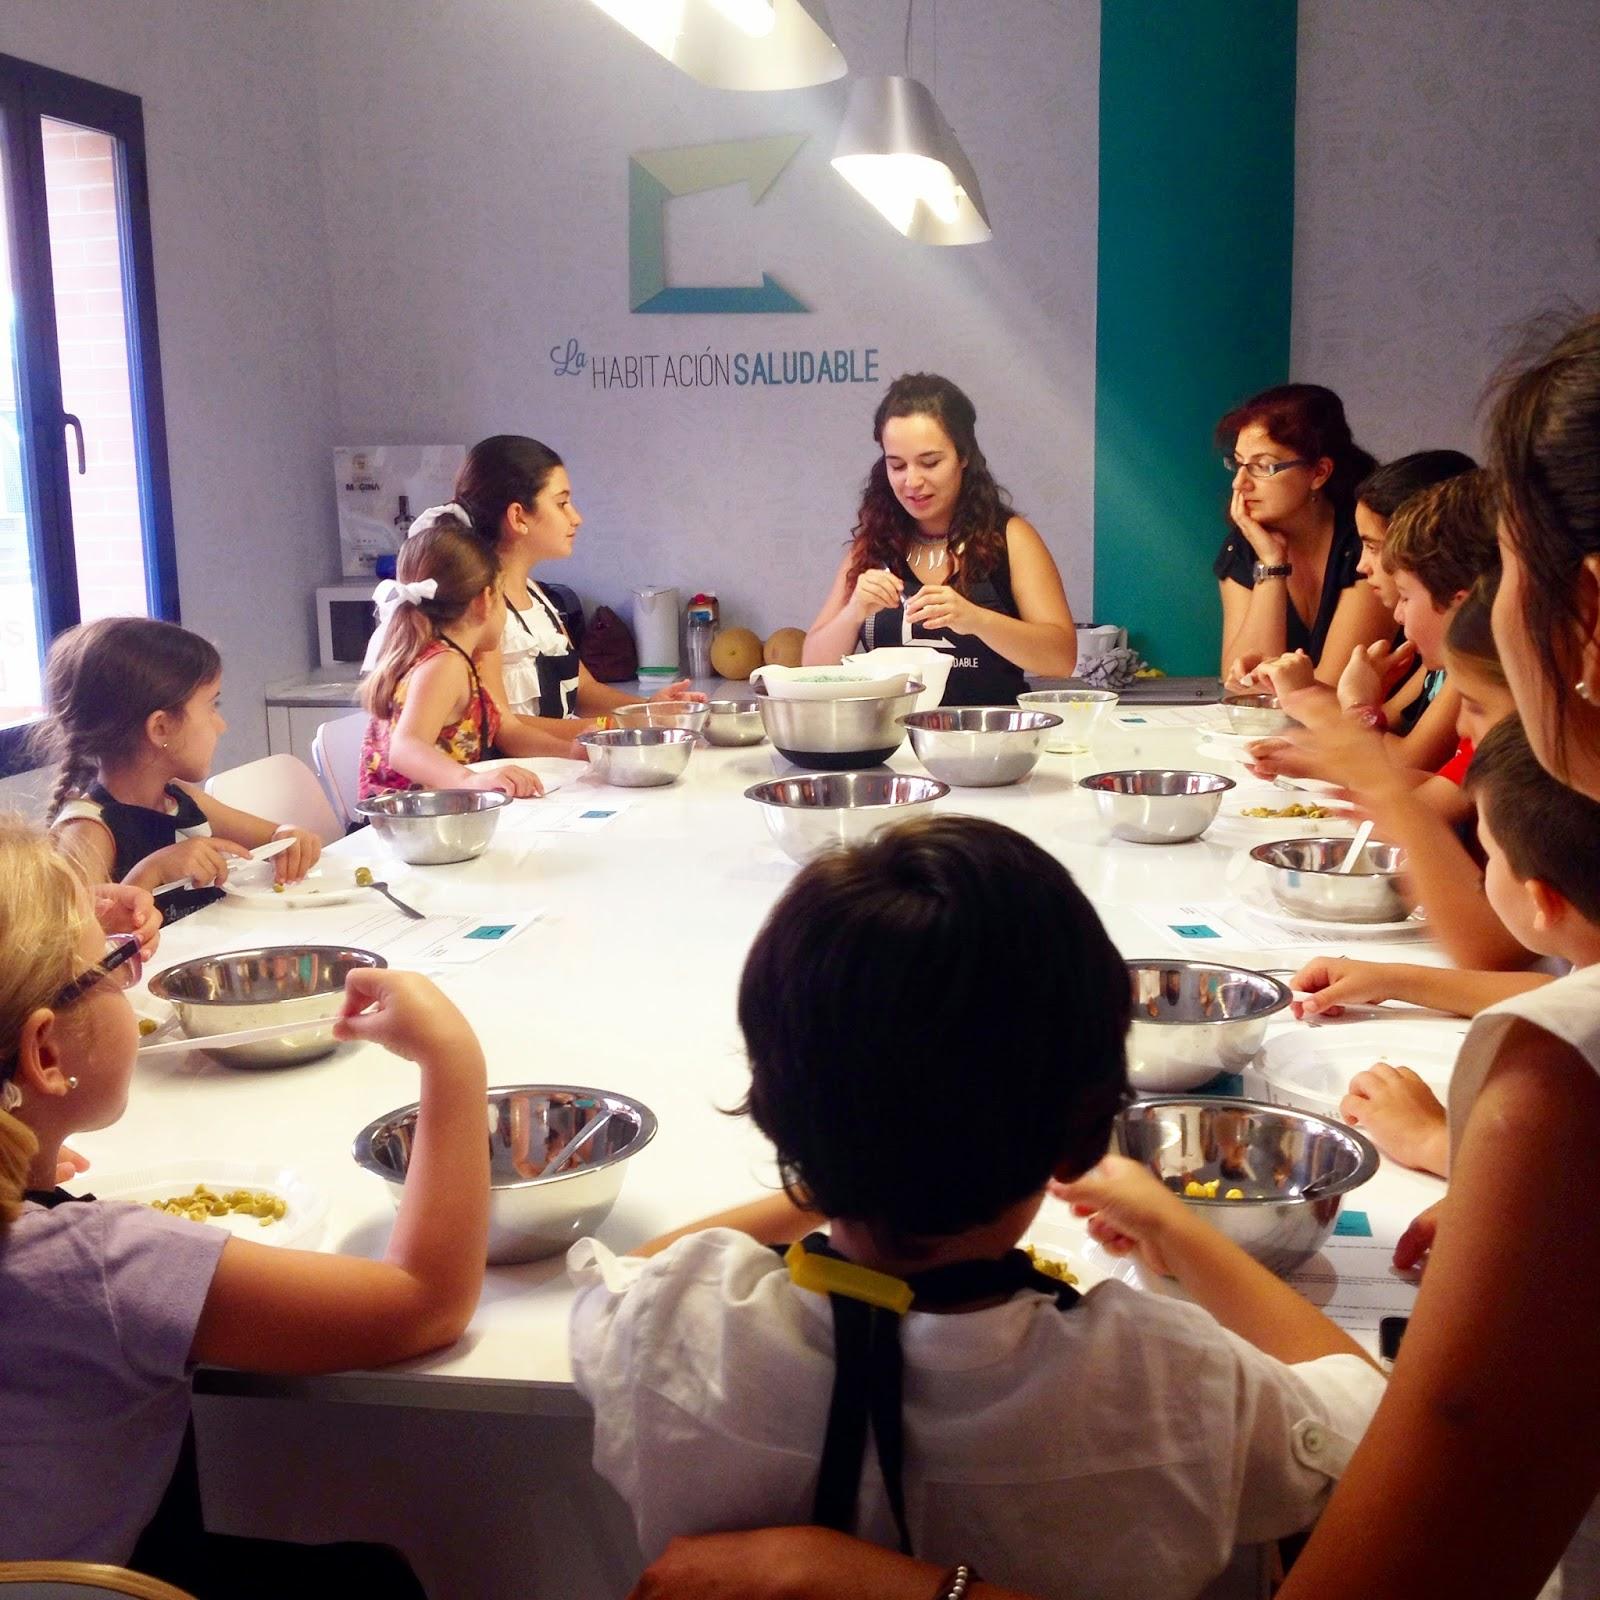 Talleres De Cocina Sevilla | Talleres De Cocina Para Ninos En Sevilla Julio 2014 La Habitacion